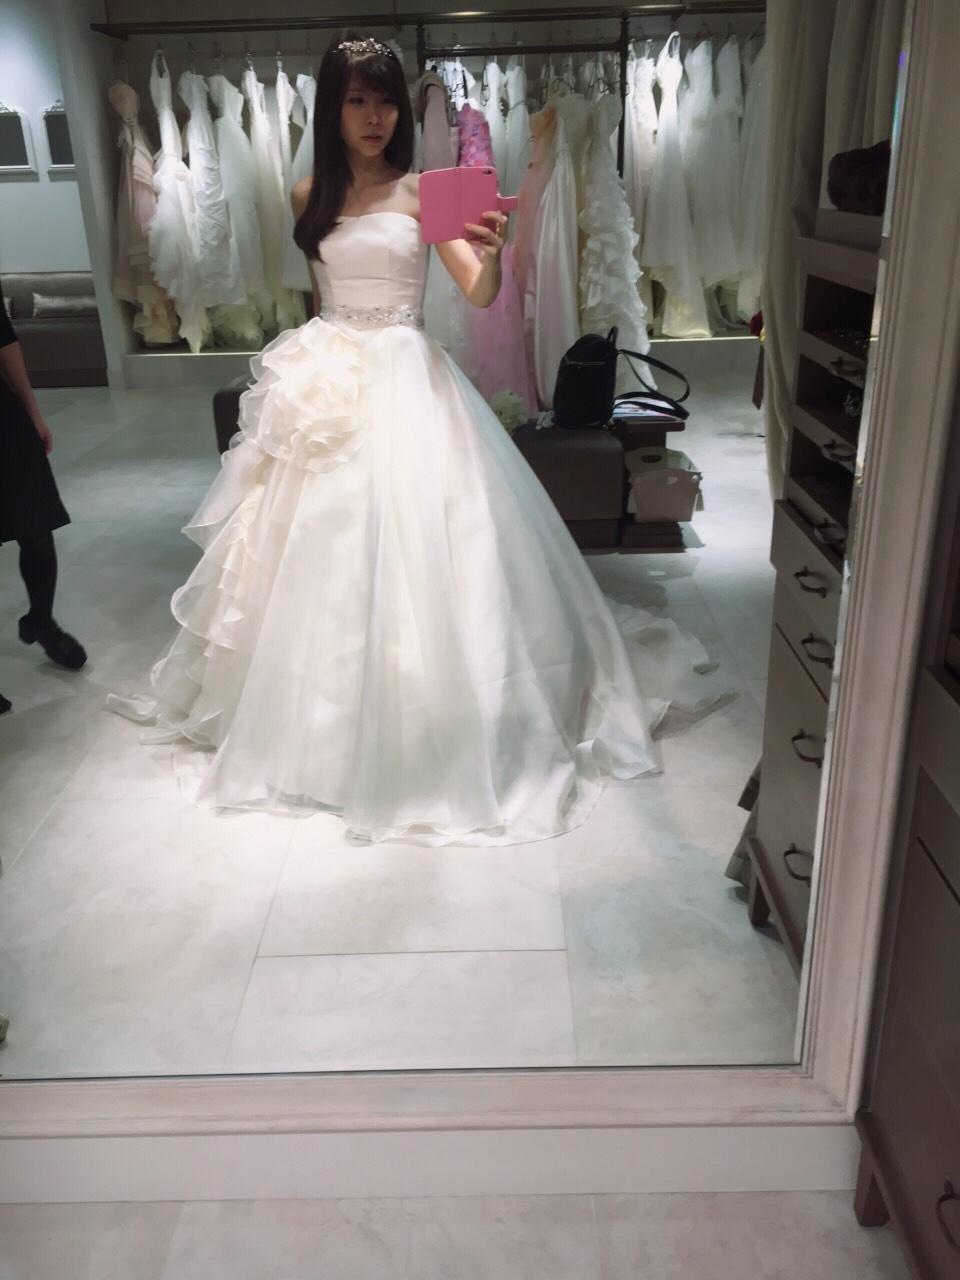 ドレスの試着(4)ウェディングドレス決定!フォーシス アンド カンパニー(FOUR SIS & CO.)